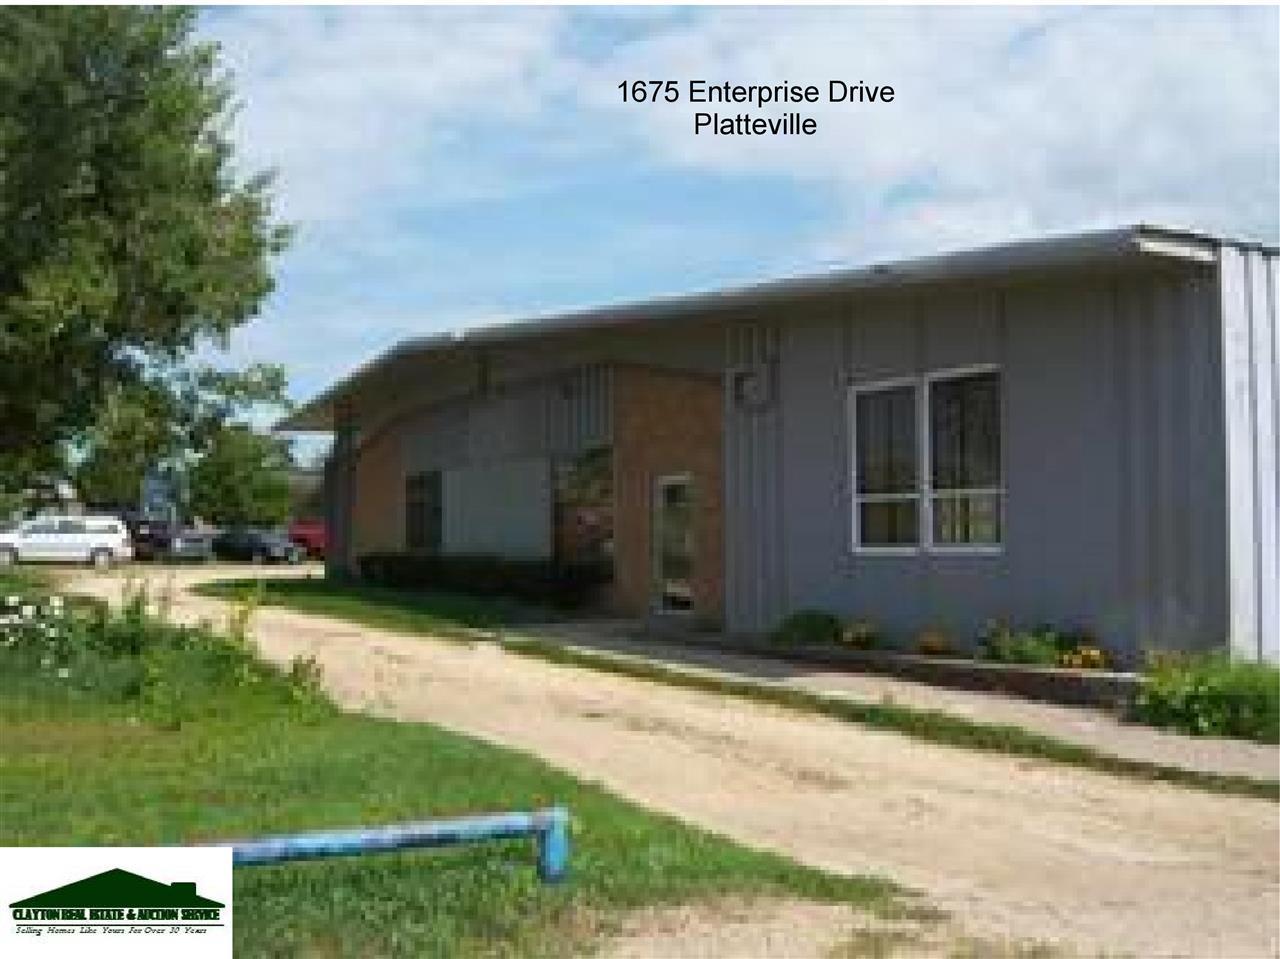 1675 Enterprise DR, Platteville, WI 53518